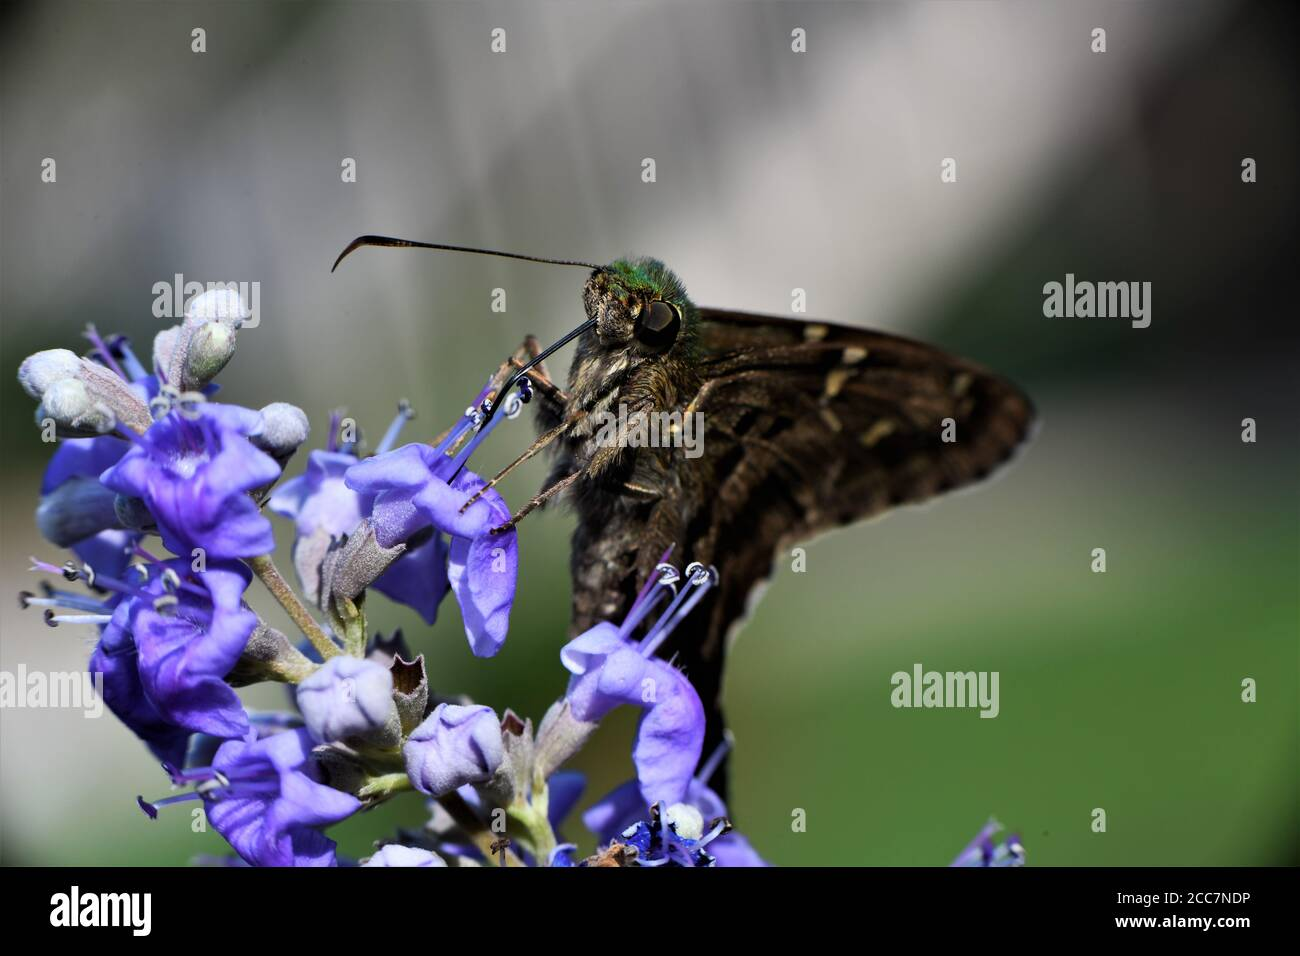 Una mariposa de cola larga patrón chupar néctar de una flor de la wisteria. Foto de stock